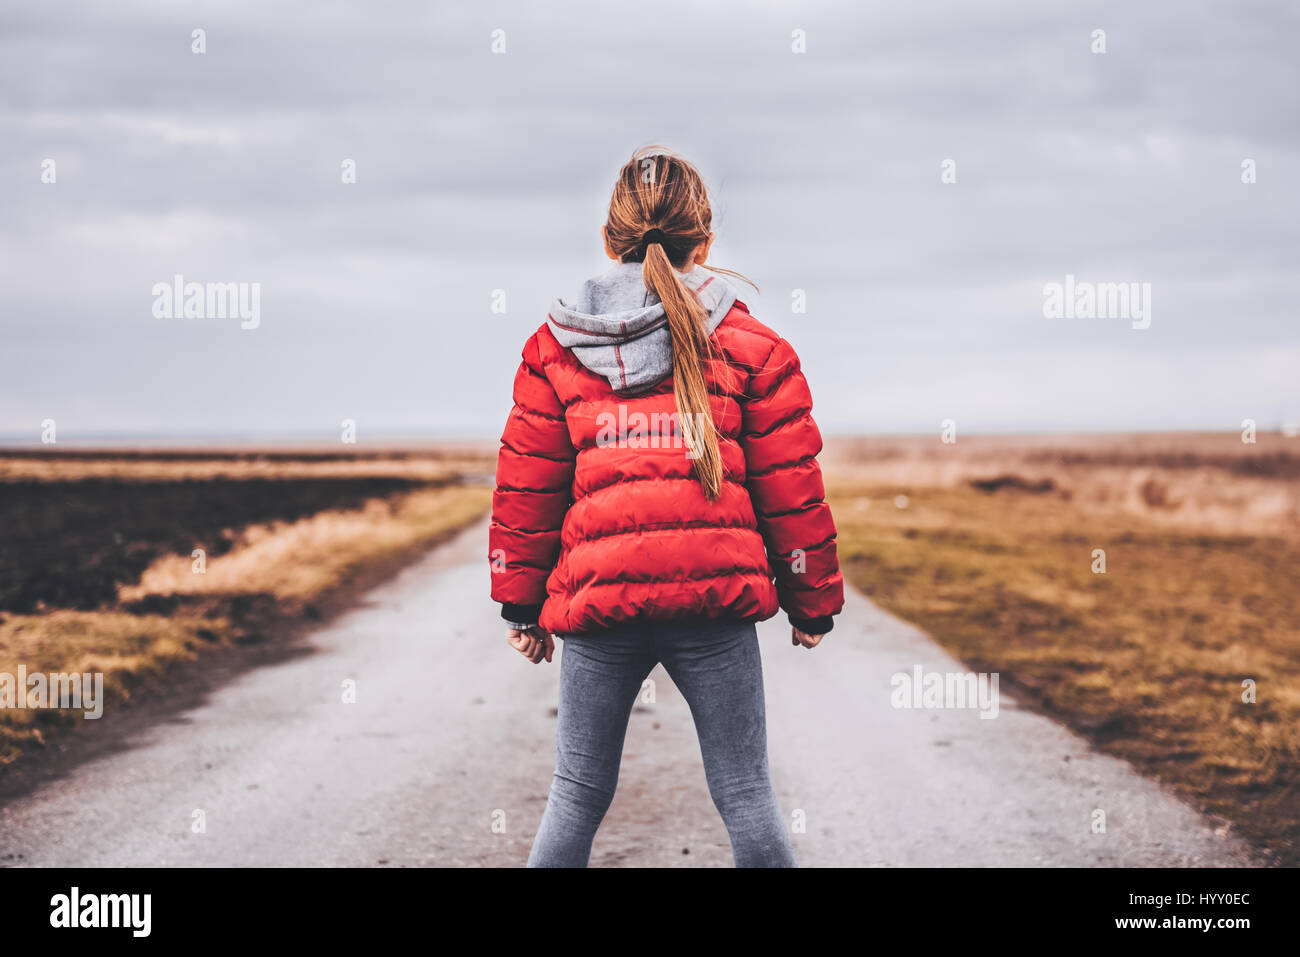 Ragazza indossando giacca rossa in piedi solo sulla strada e guardando a distanza Immagini Stock